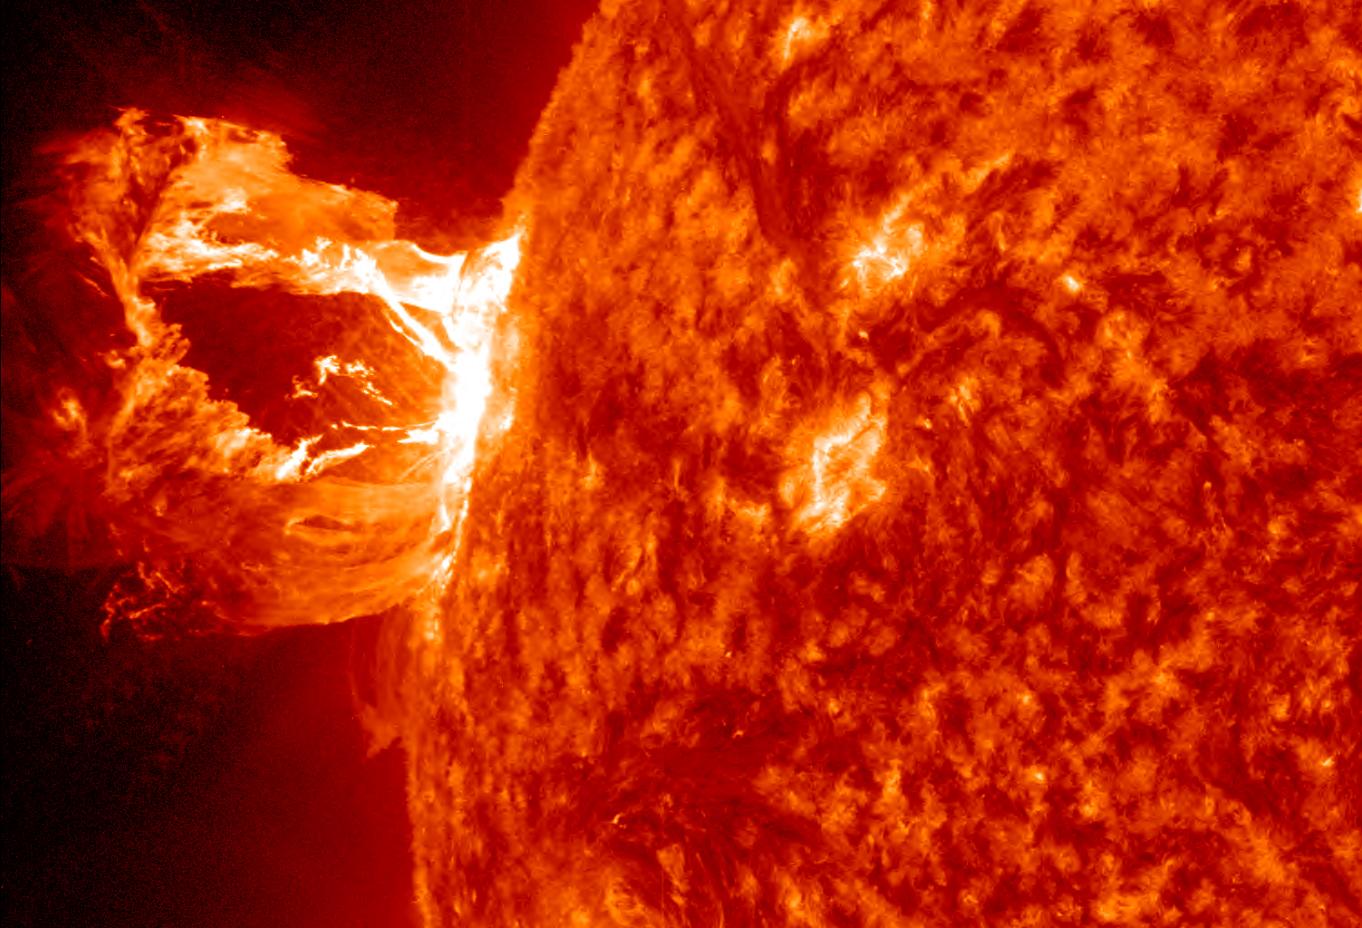 Ett utbrott av materia i solens korona 16 april, 2012. Sådana här resulterar i norr- och sydsken om de riktas mot jorden. Bild: NASA/SDO/AIA